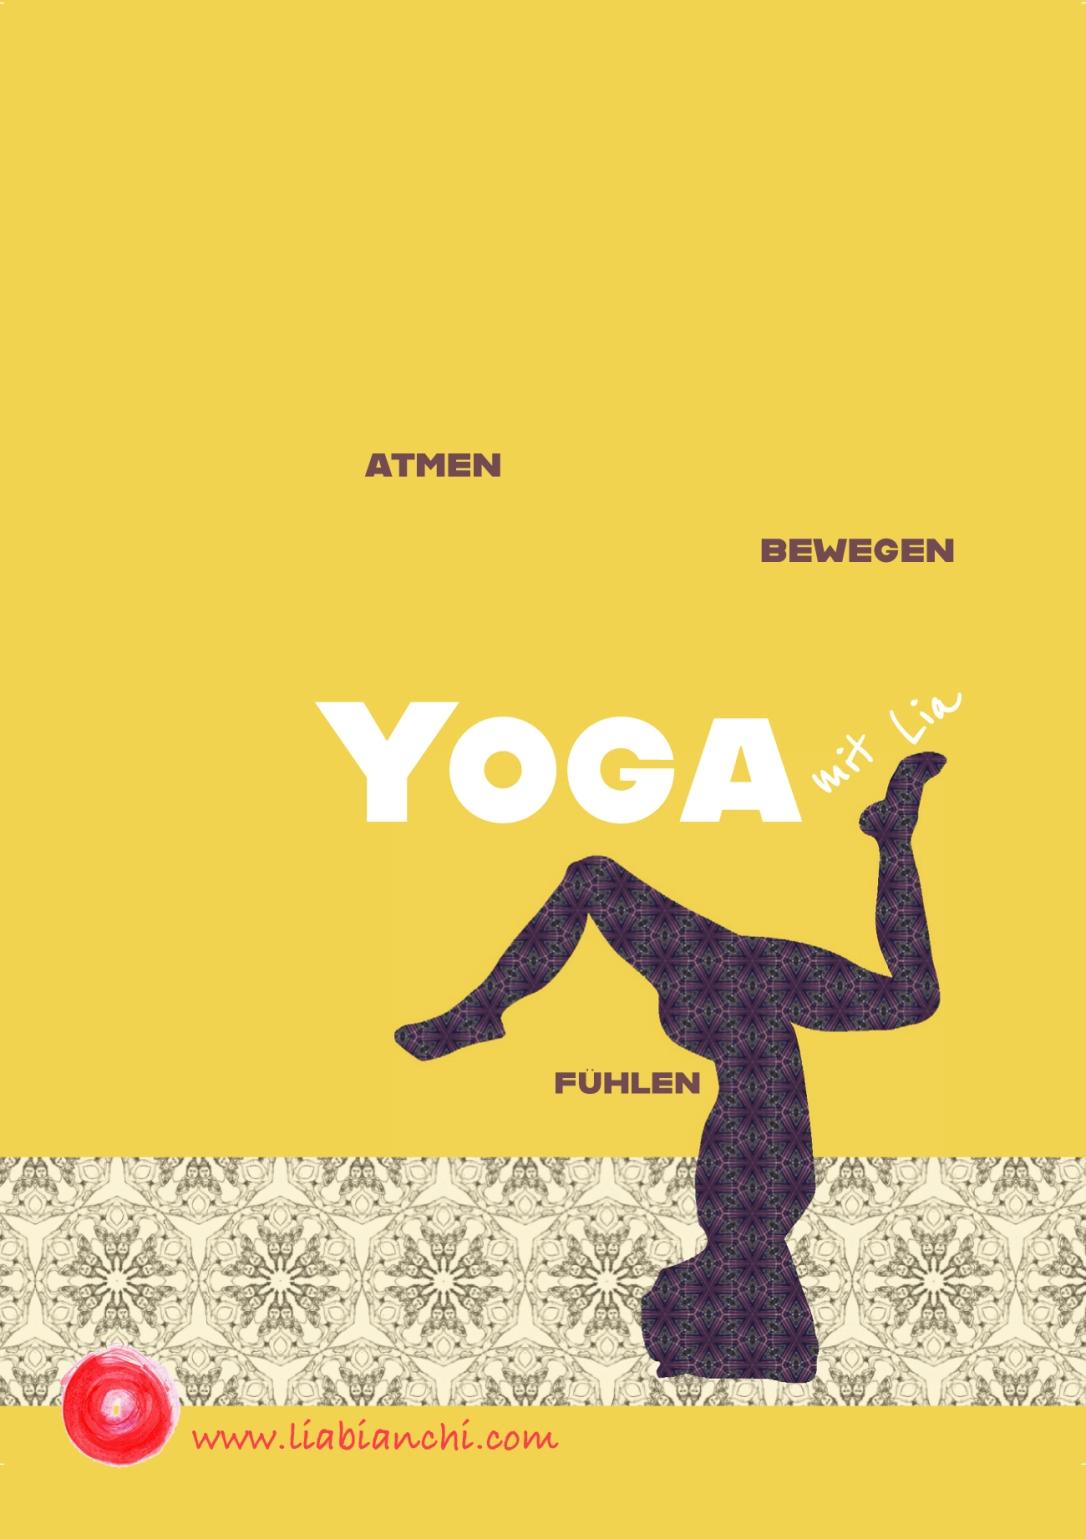 Yoga_news